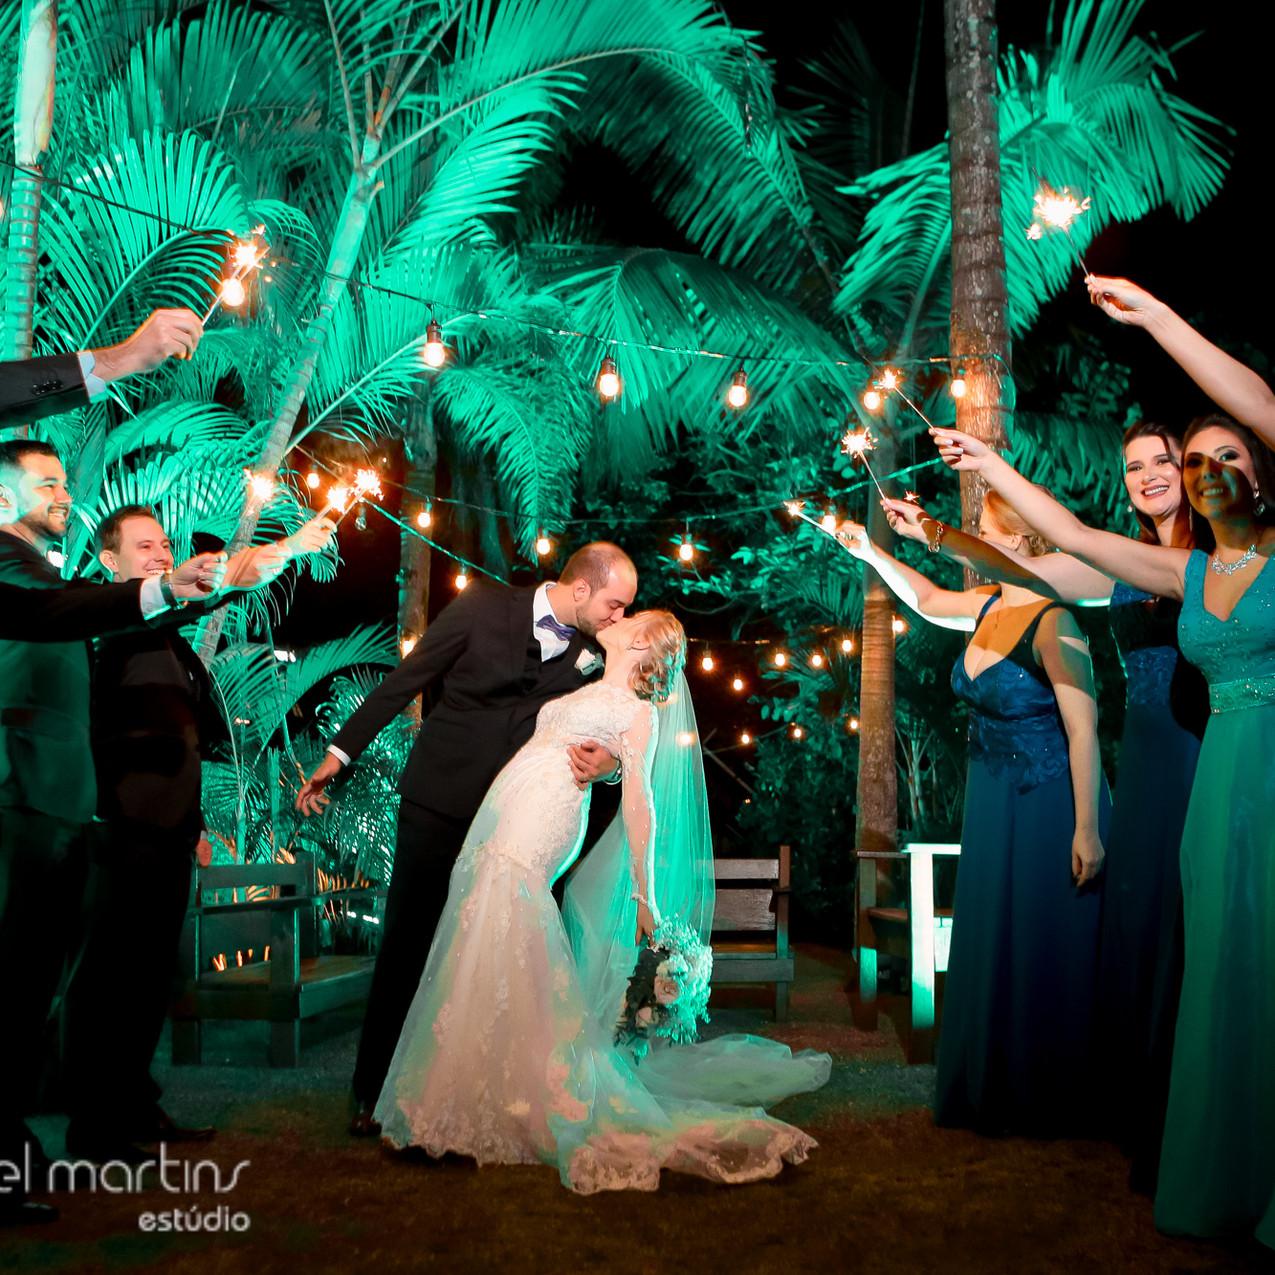 BeR-0786-fotografo-casamento-wedding-gotadagua-rustico-brunaeraul-boho-diy-portoalegre-daniel-martins